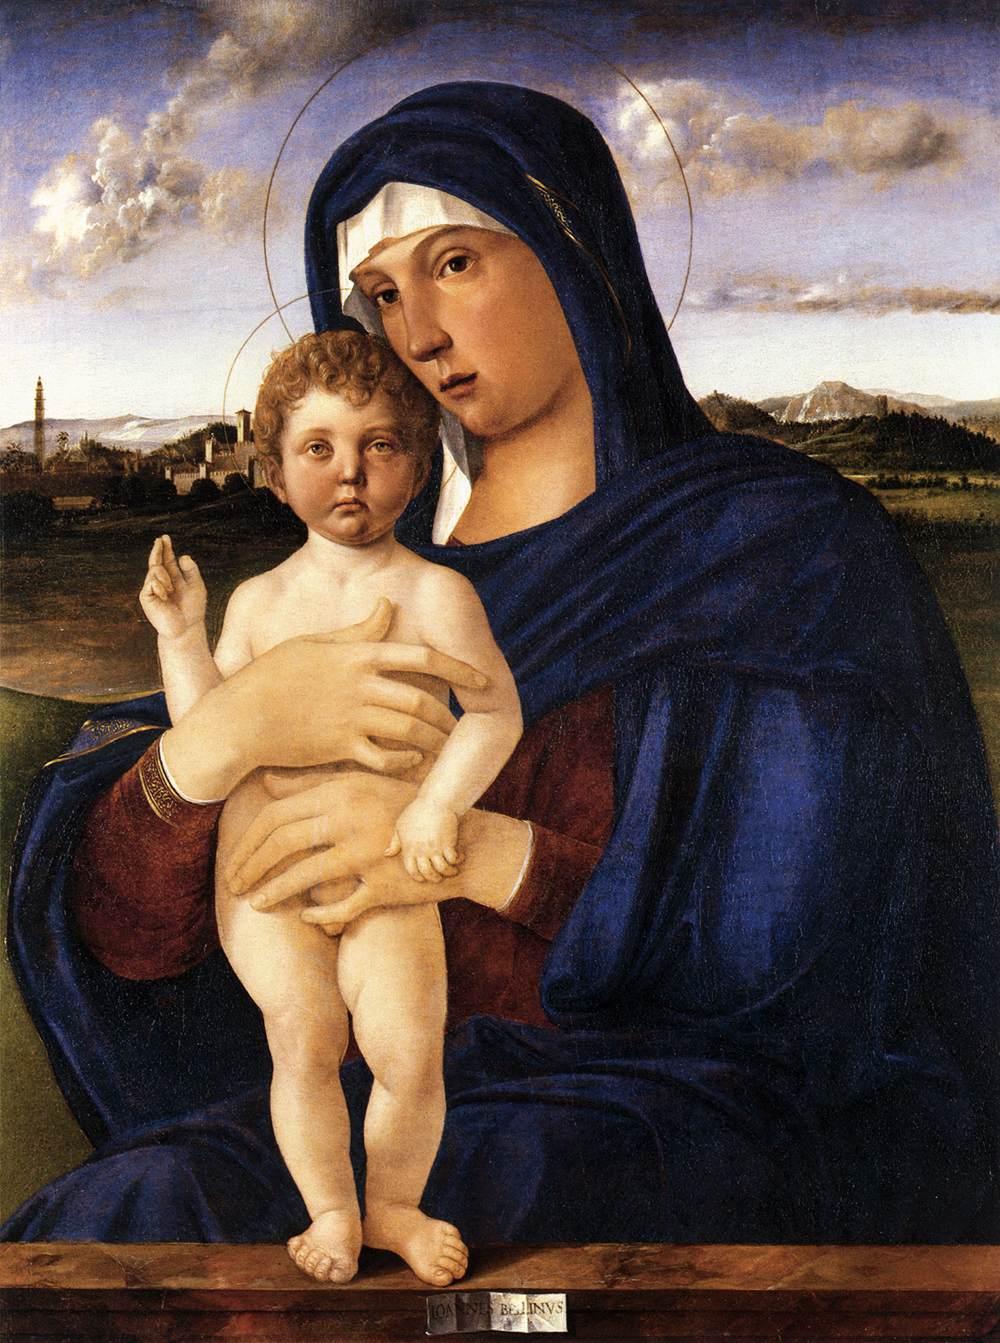 File:Giovanni bellini, madonna contarini.jpg - Wikipedia, the free ...